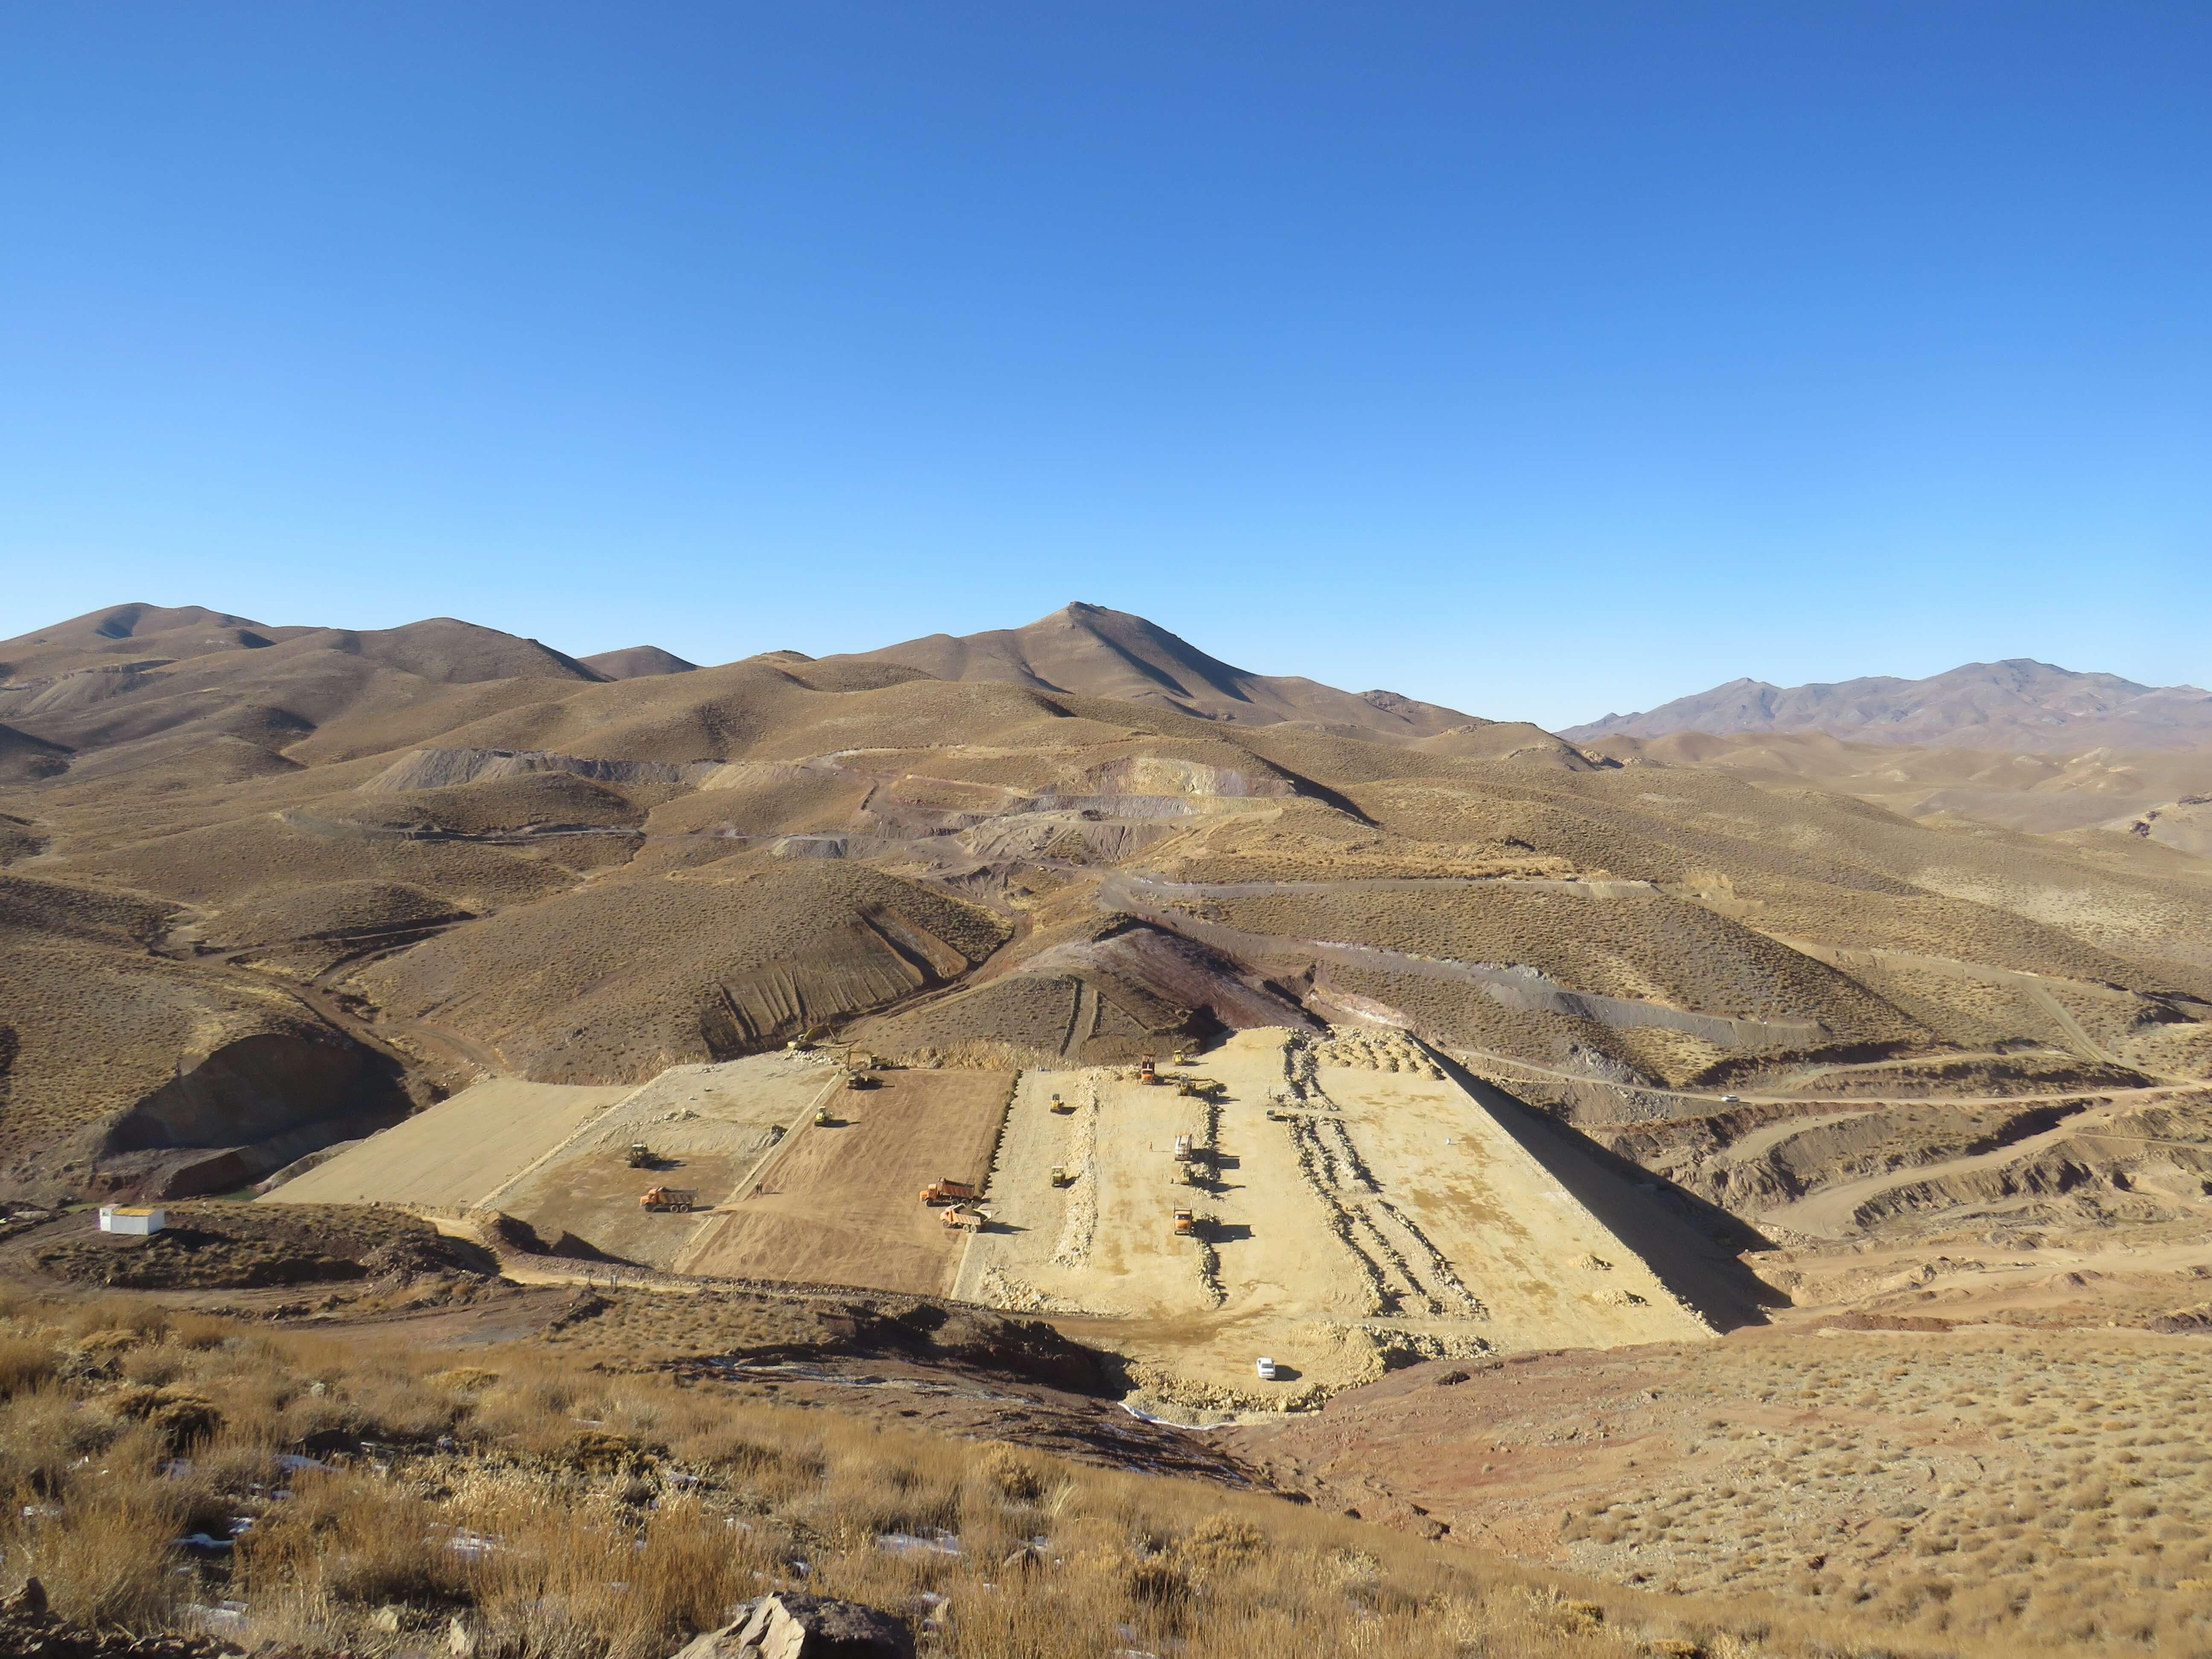 پروژه سد رسوبگیر مجتمع مس دره آلو